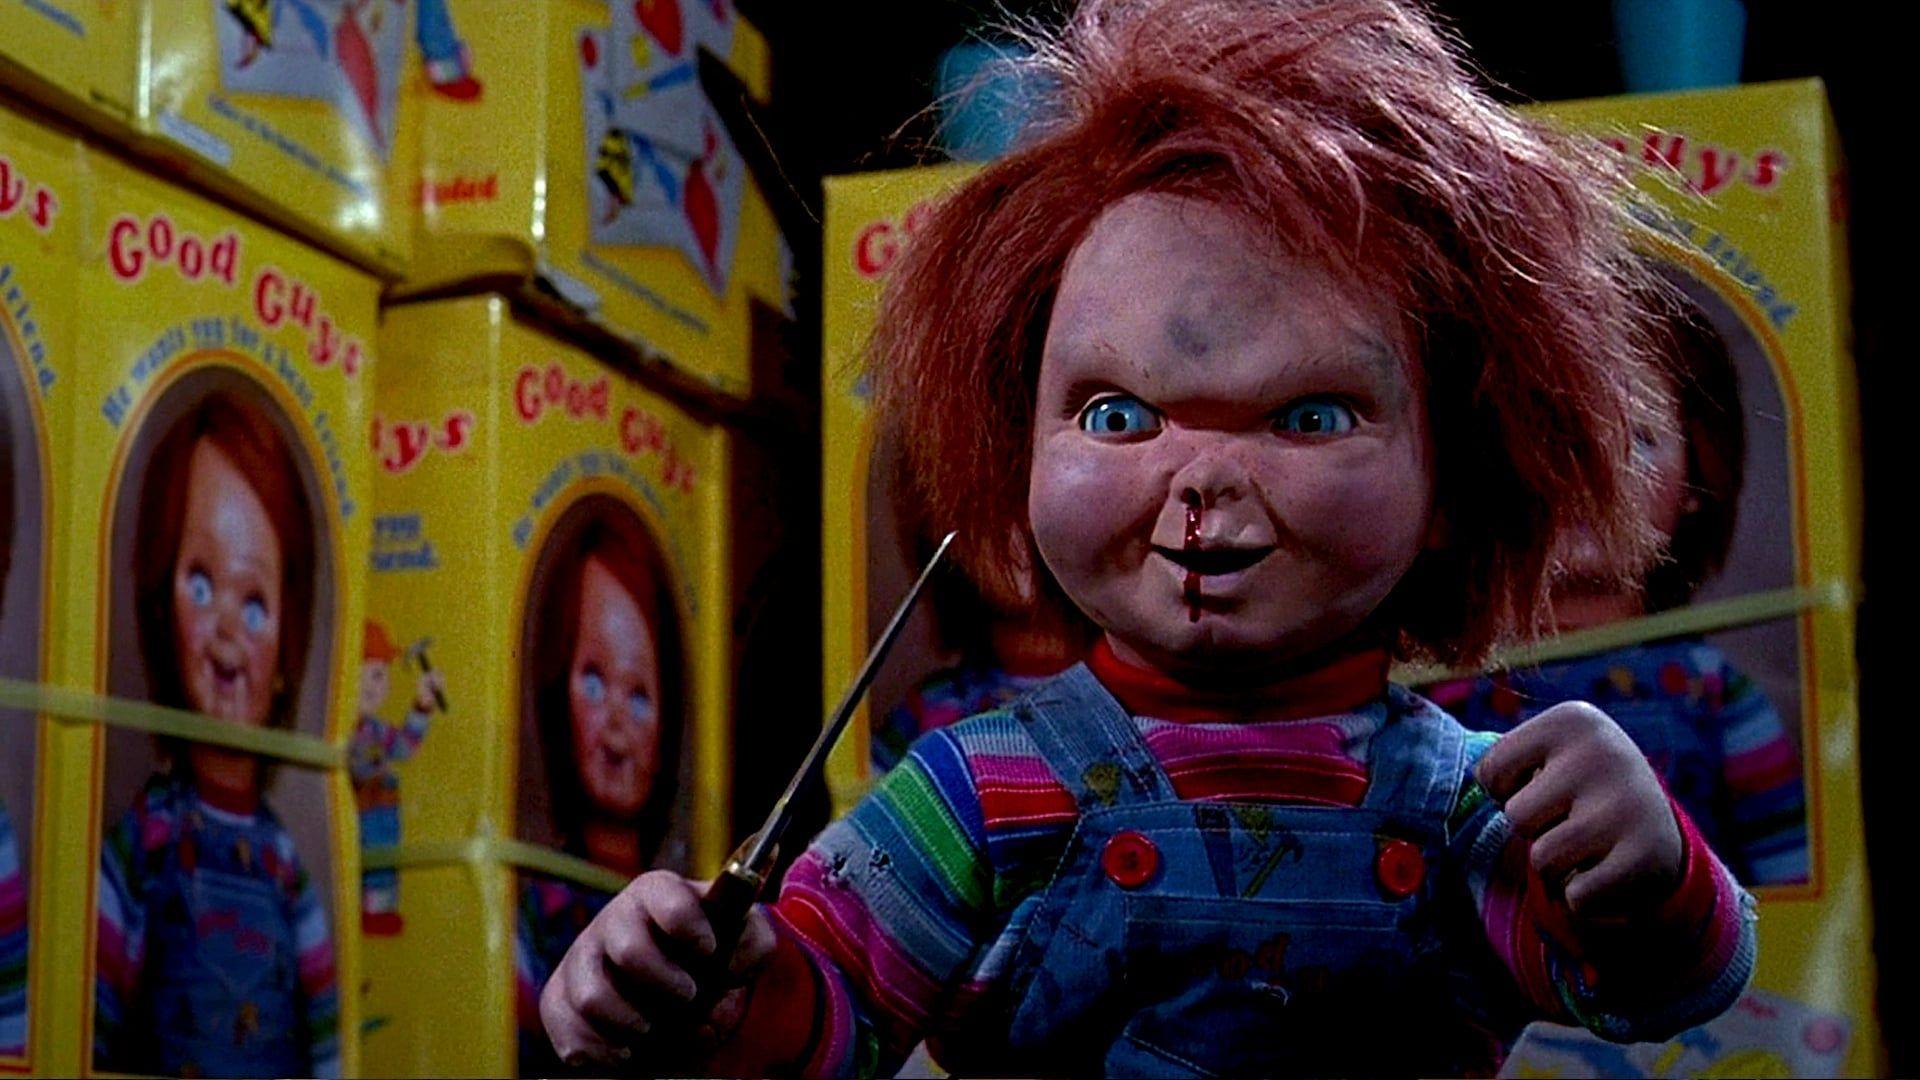 Barneleg 2 1990 Fuld Film Online Streaming Dansk Movie123 Kampene Med Den Besatte Dukke Chucky Har Taget Hardt Pa Andy Mor Hun Film Completi Bambole Cinema